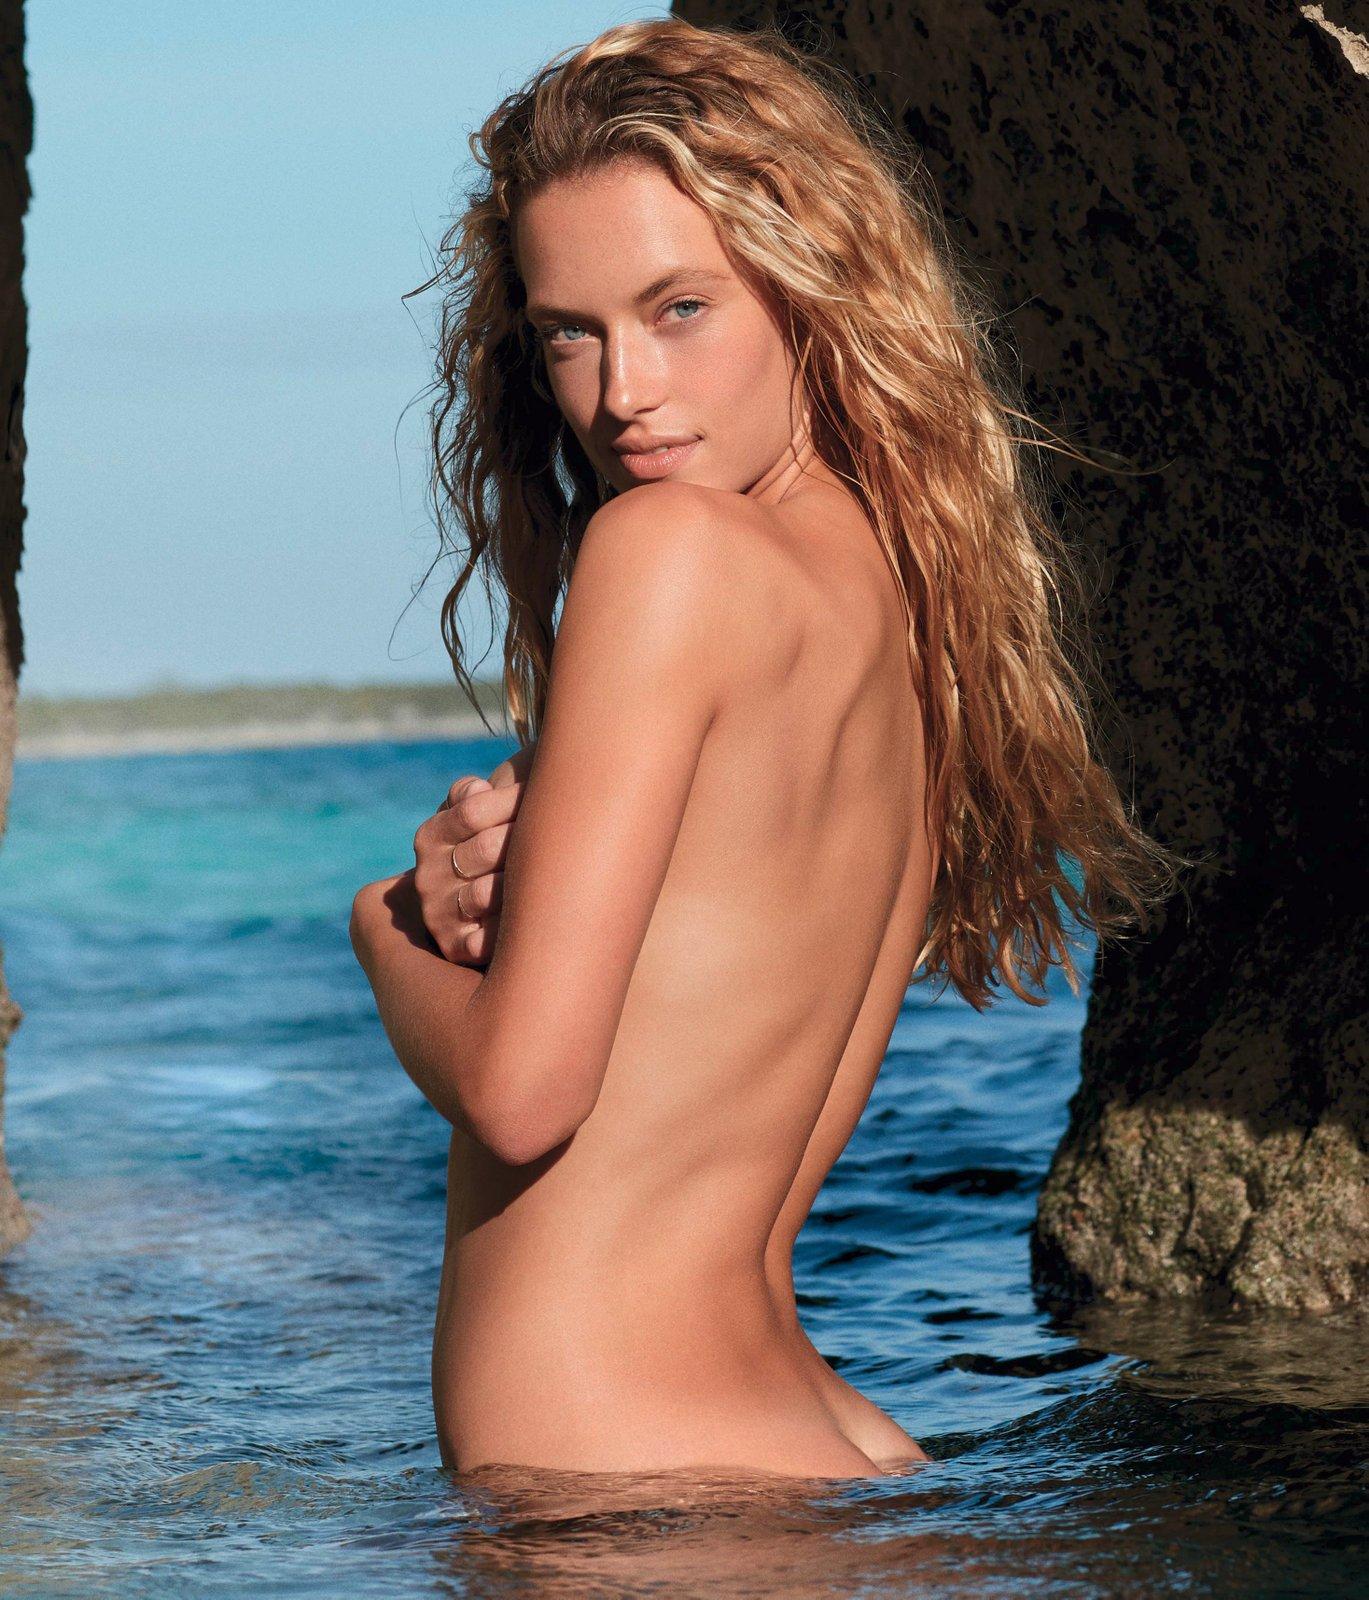 Hannah ferguson nude and